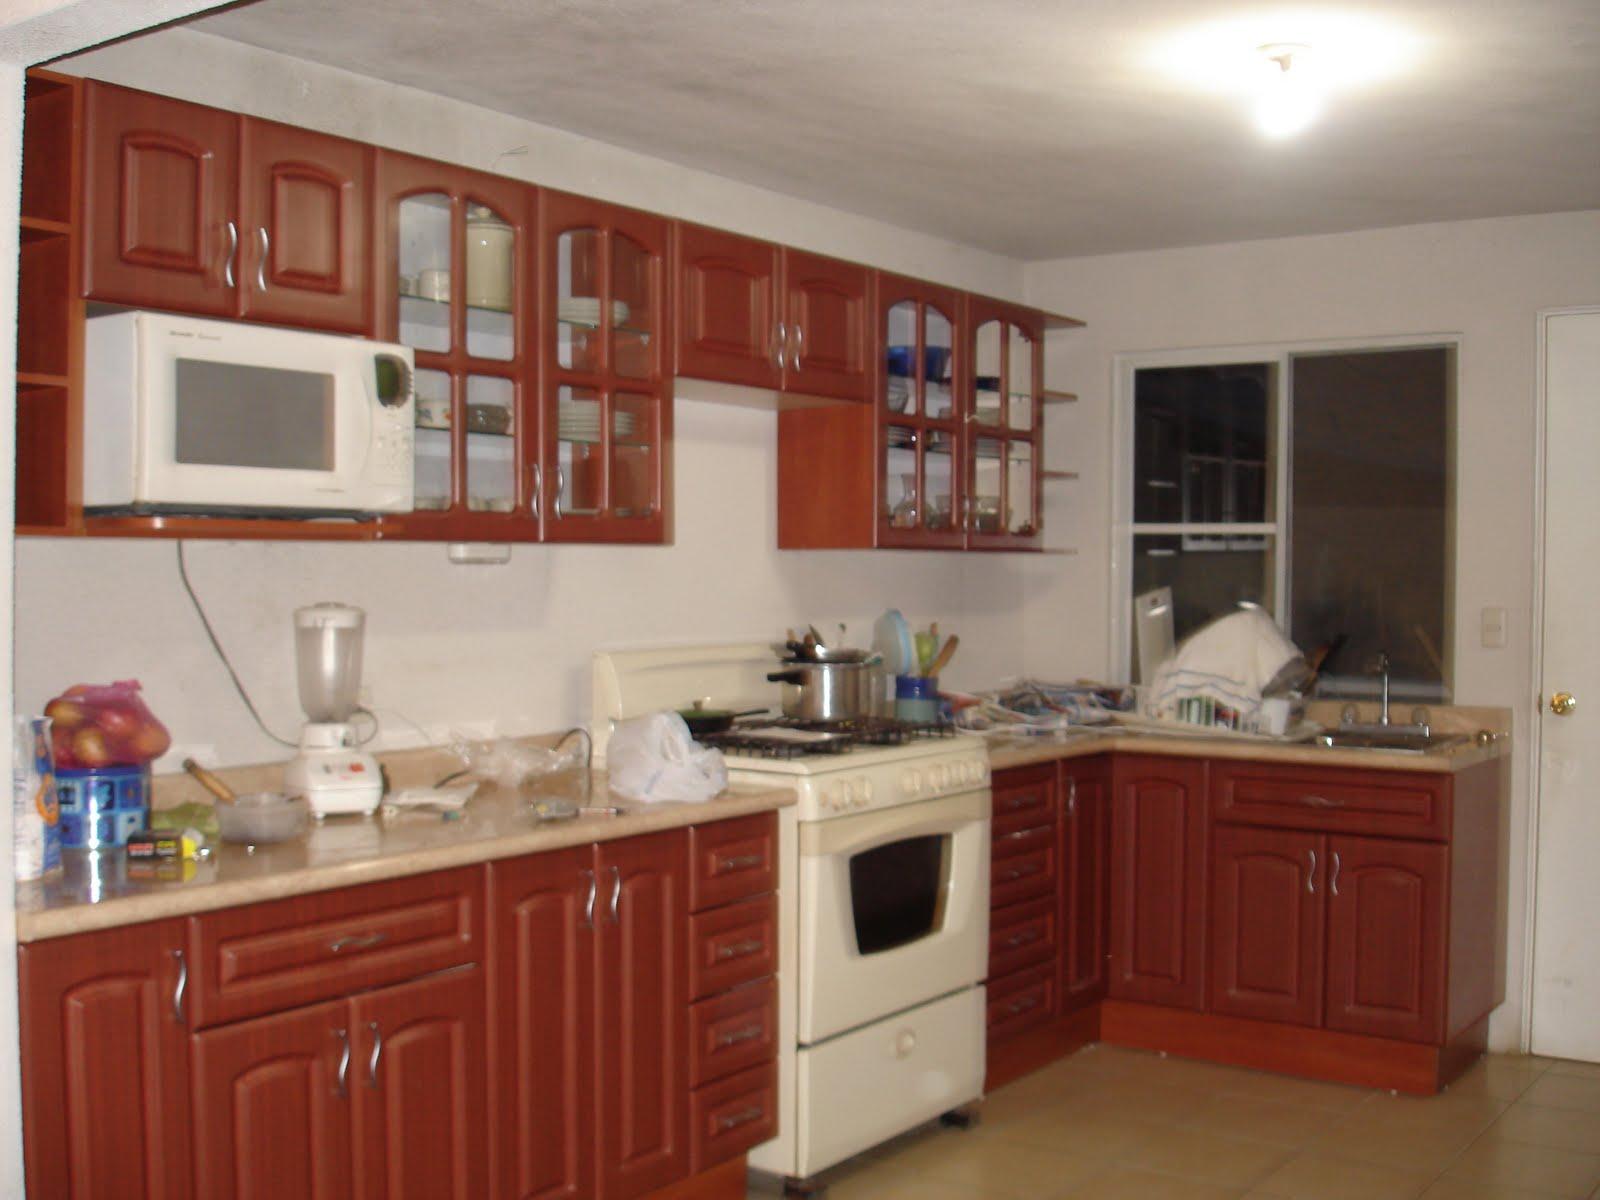 Construteksa gabinetes de cocina for Gabinetes de cocina modernos